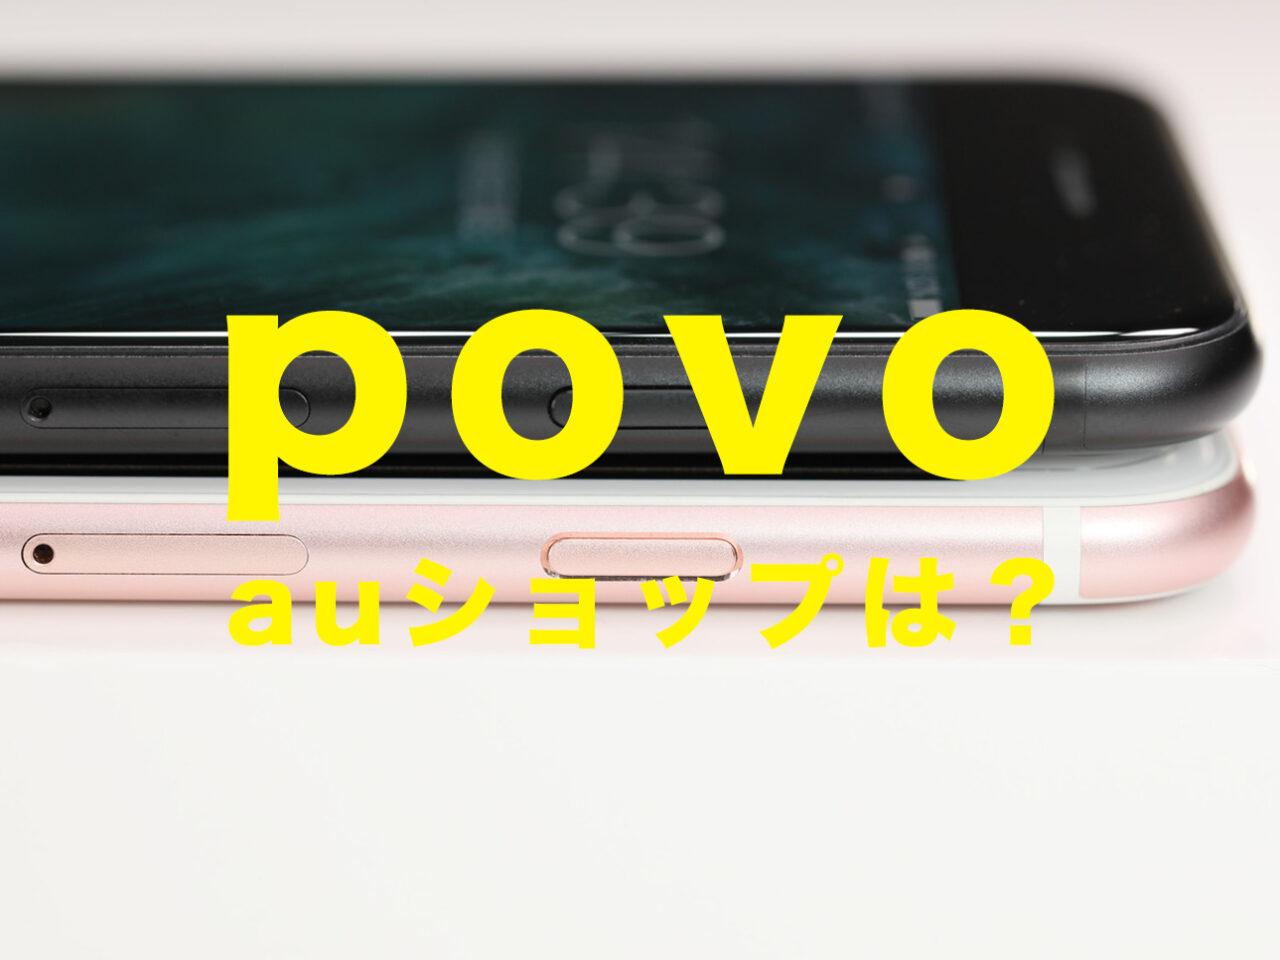 auショップでpovo(ポヴォ)について相談はできる?店頭&店舗で契約できる?のサムネイル画像